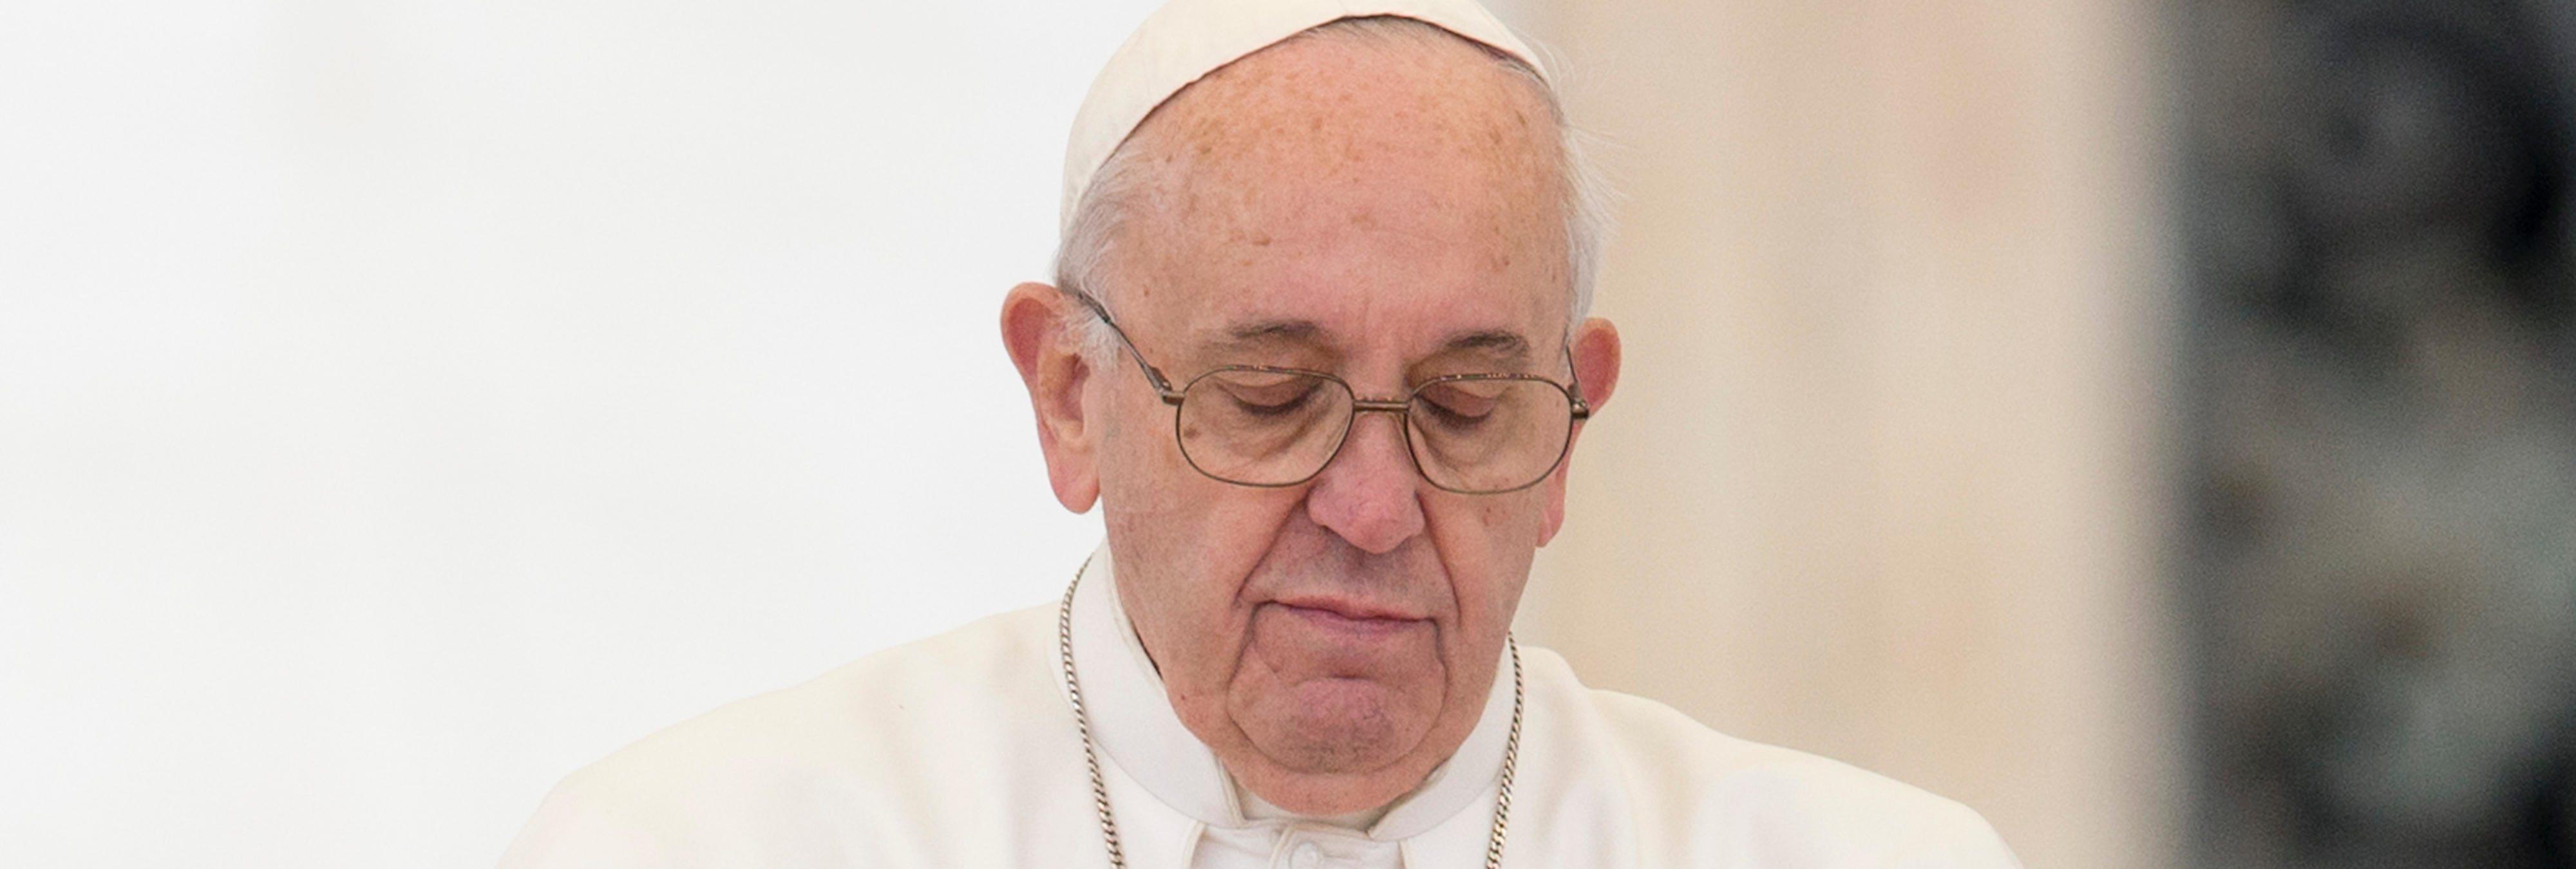 """""""Tenía 11 años y un sacerdote destruyó mi vida"""": el testimonio de una víctima ante el Papa"""